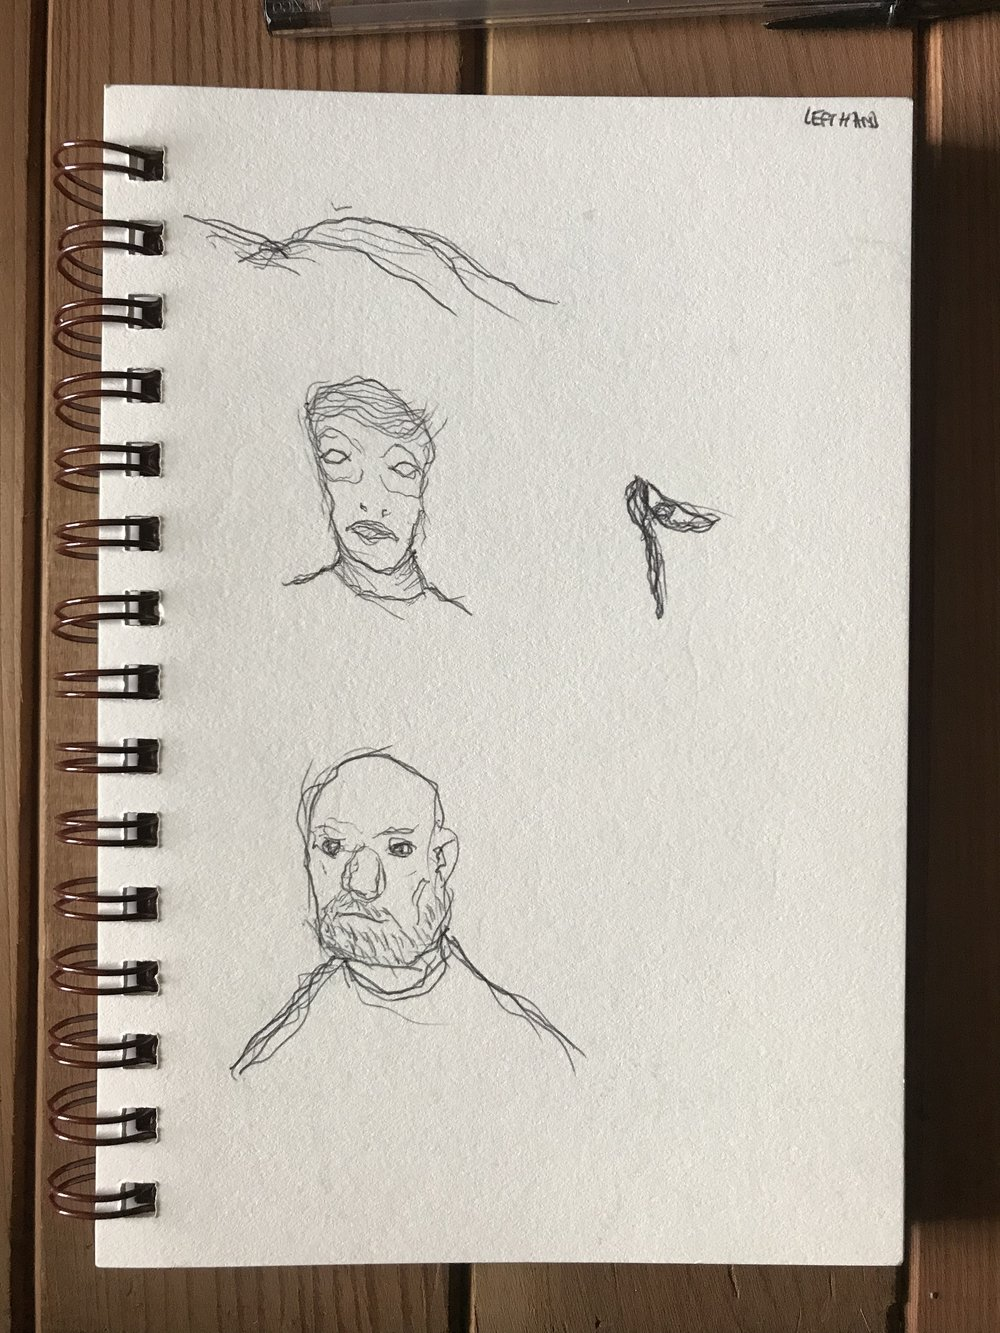 Just drawing random ideas.